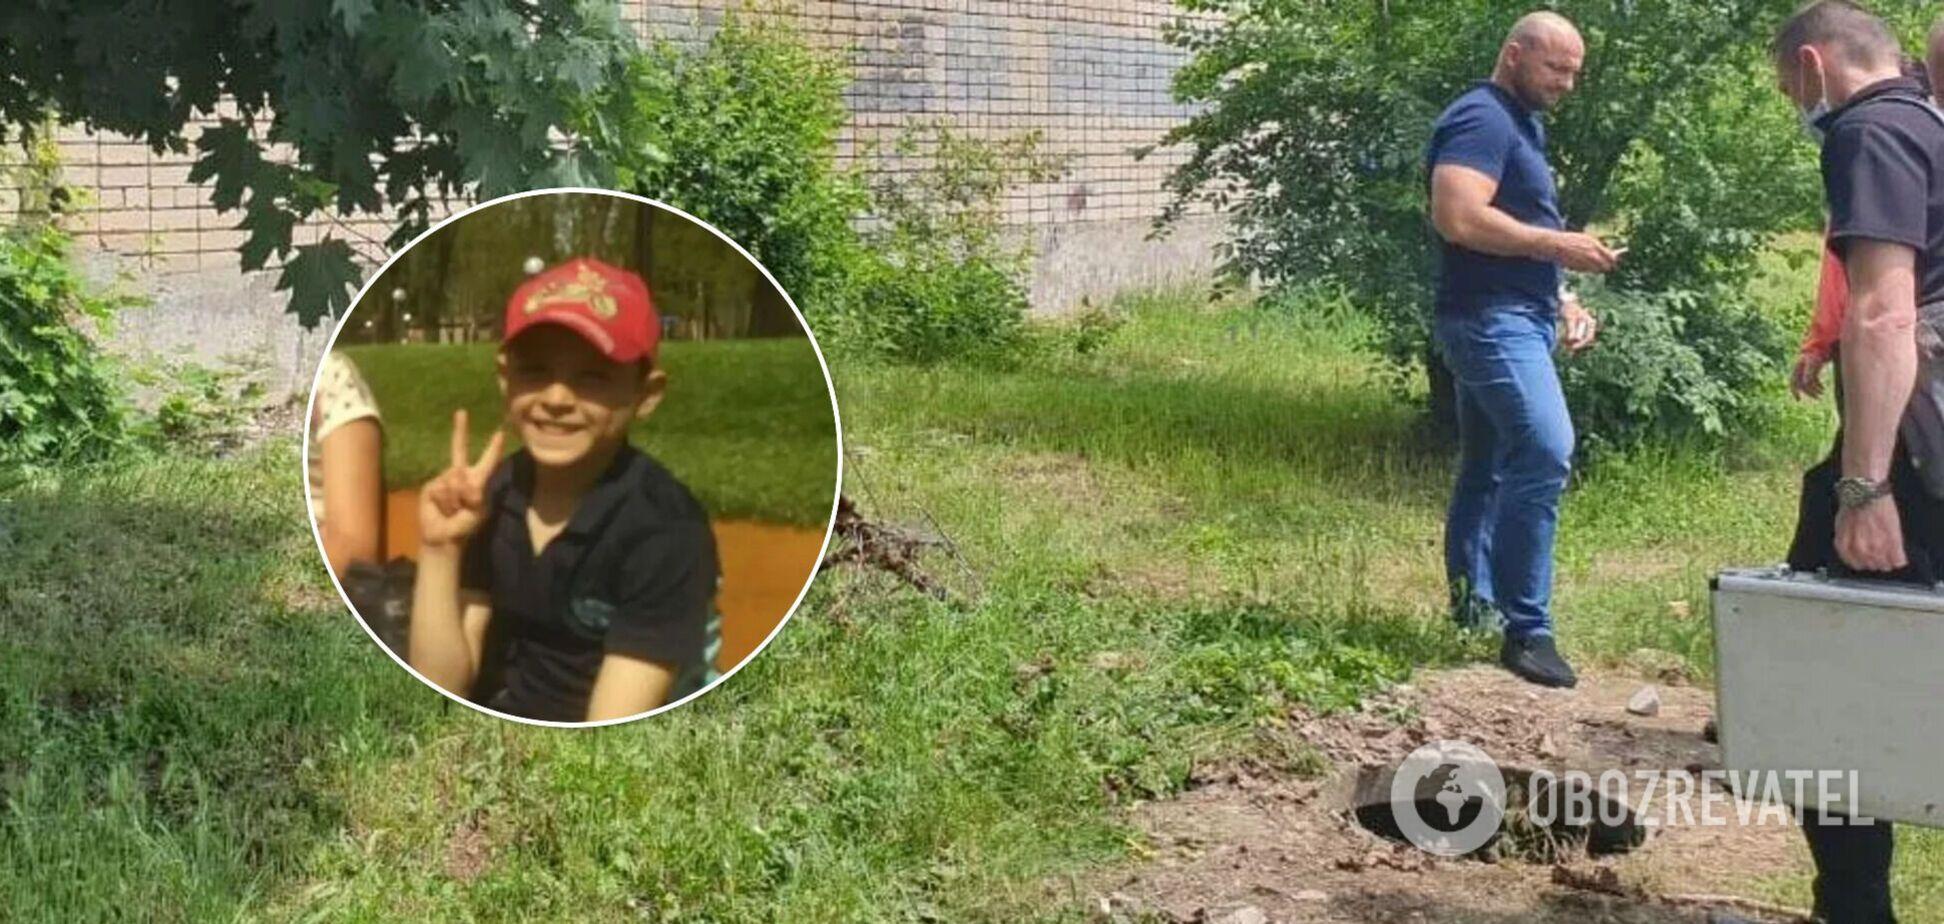 На Днепропетровщине исчезла мать 8-летнего мальчика, которого нашли мертвым в коллекторе – СМИ